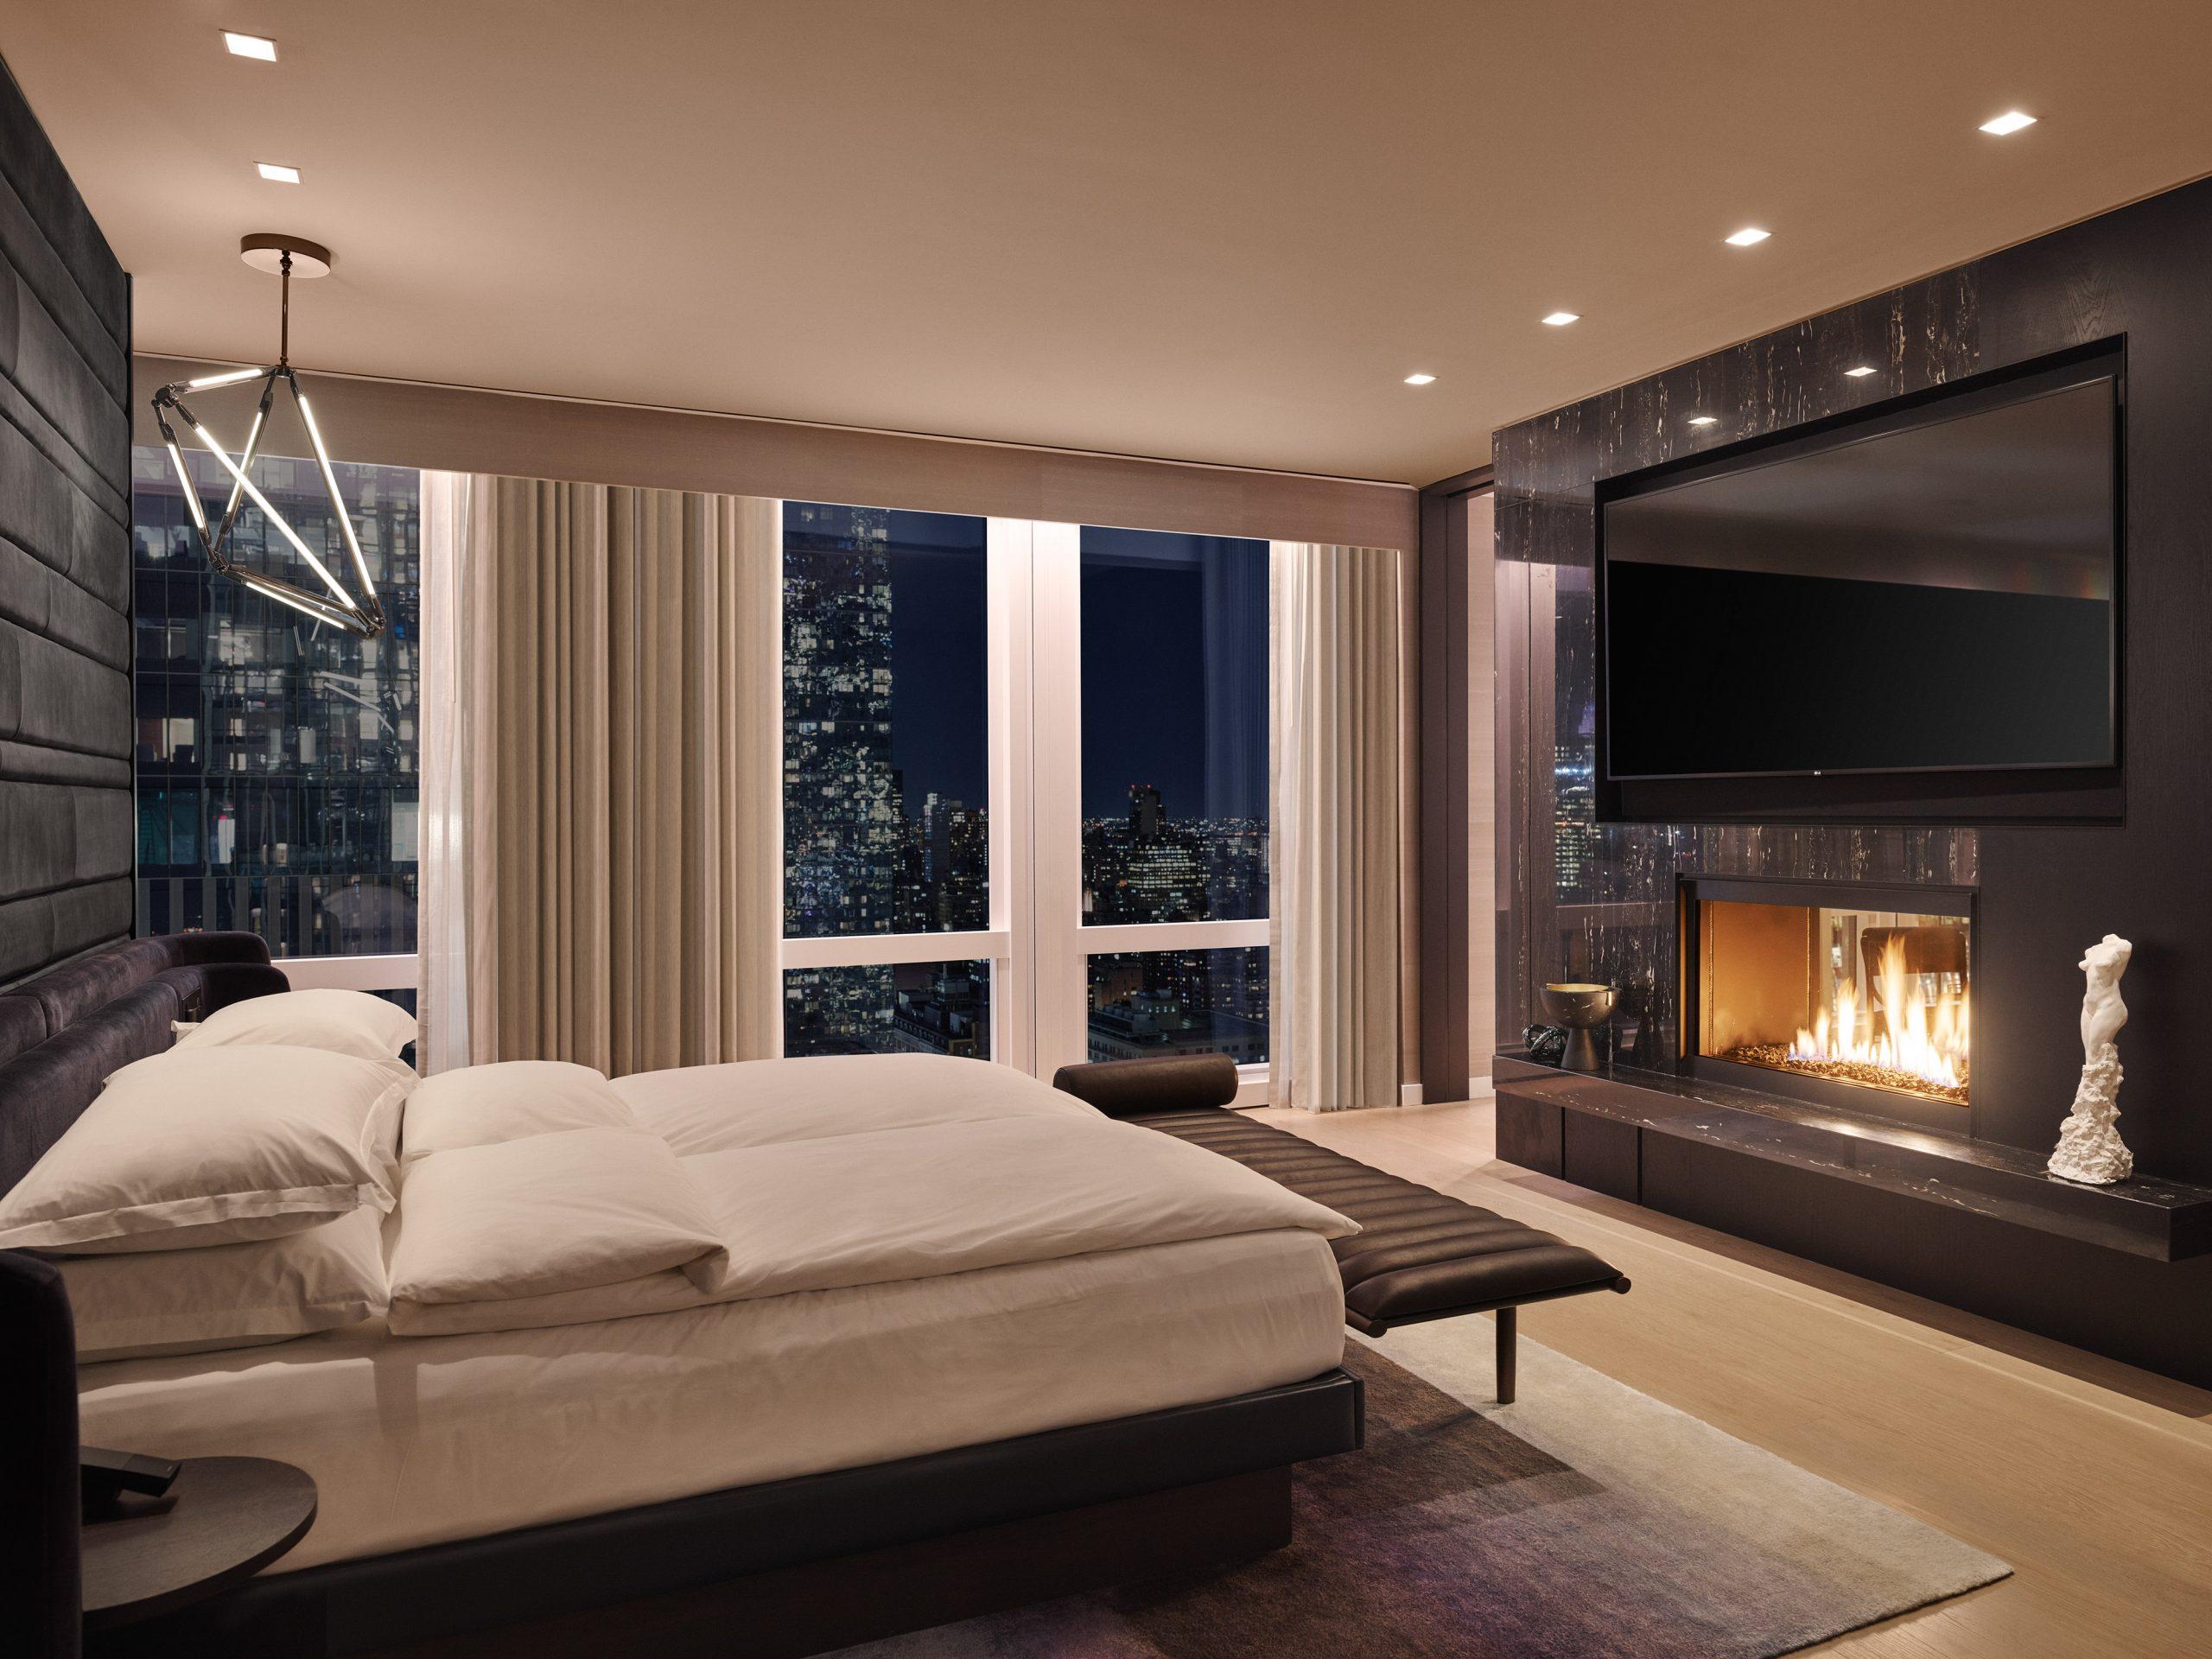 equinox suite bedroom